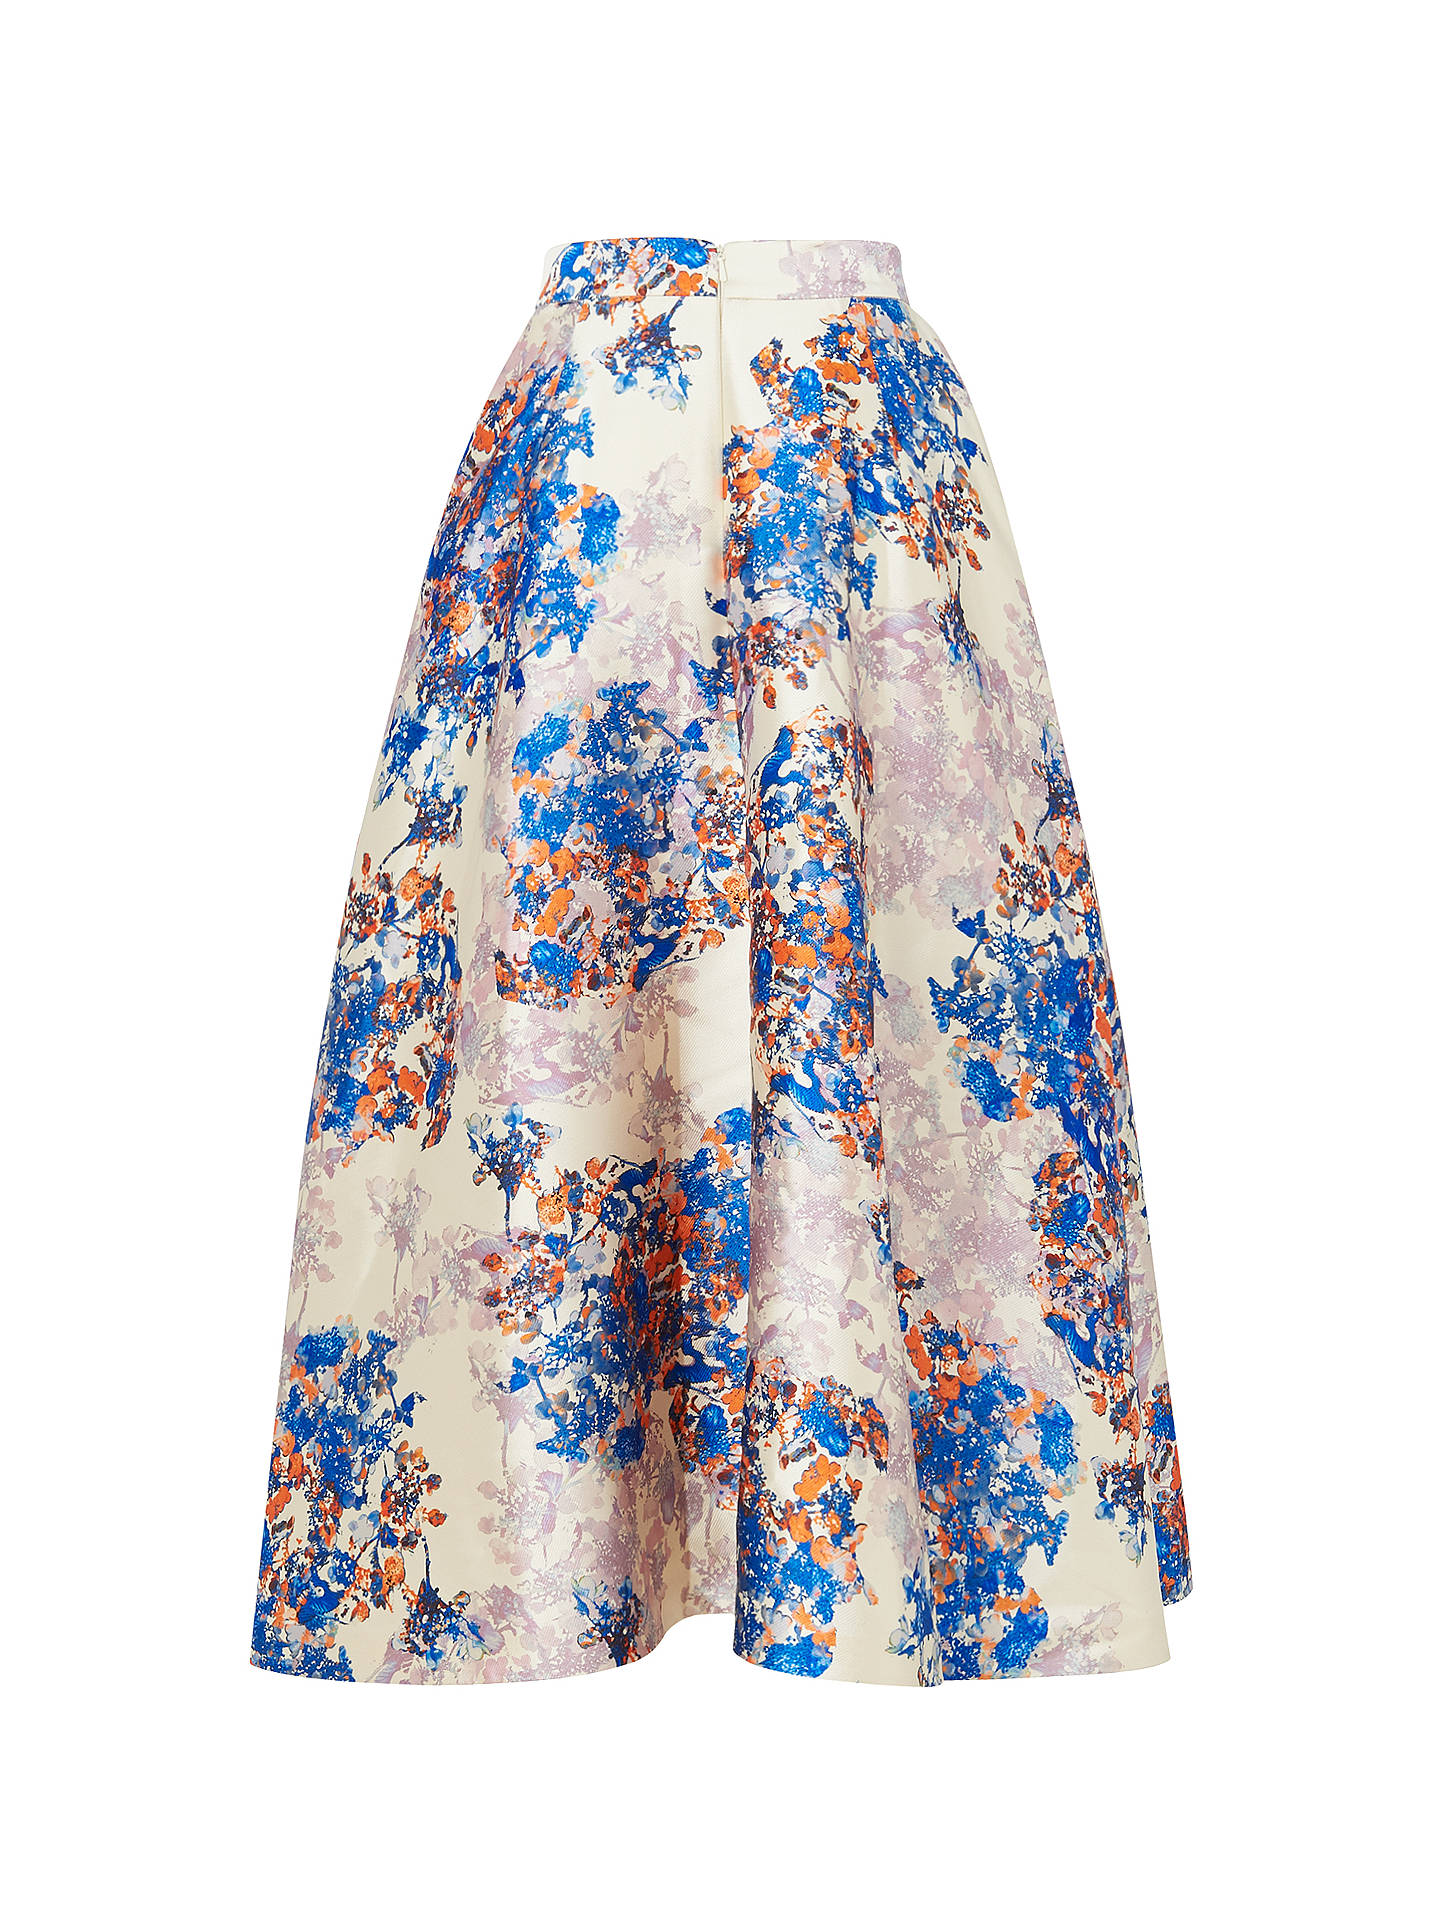 1ea3214545 ... Buy L.K. Bennett Kenton Emilia Print Skirt, Multi, 6 Online at  johnlewis.com ...